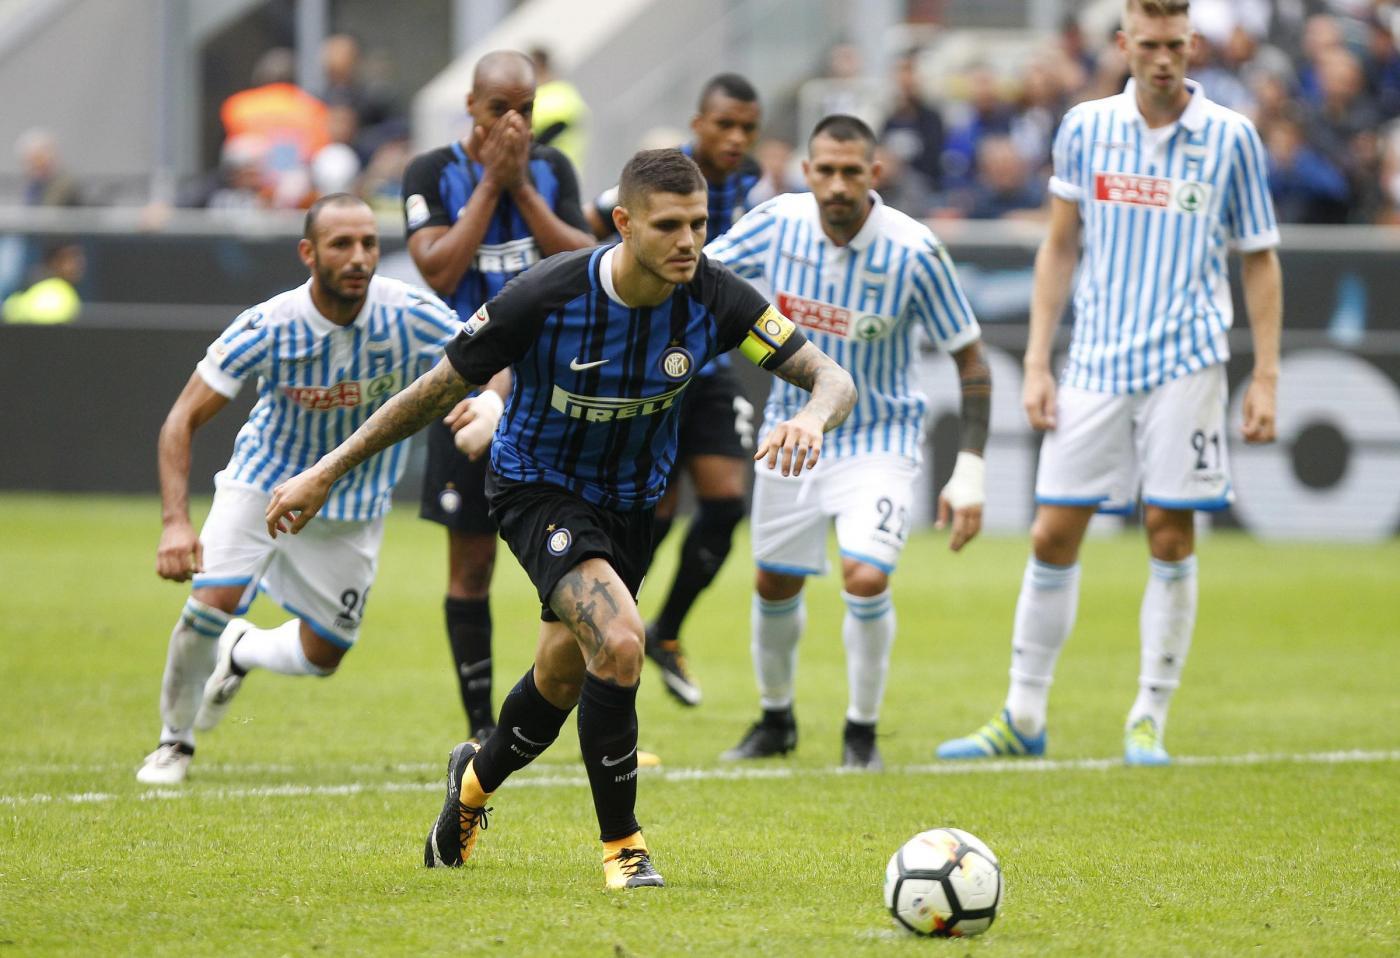 Rizzoli critica: 'Var, così non va. L'arbitro deve assumersi responsabilità'